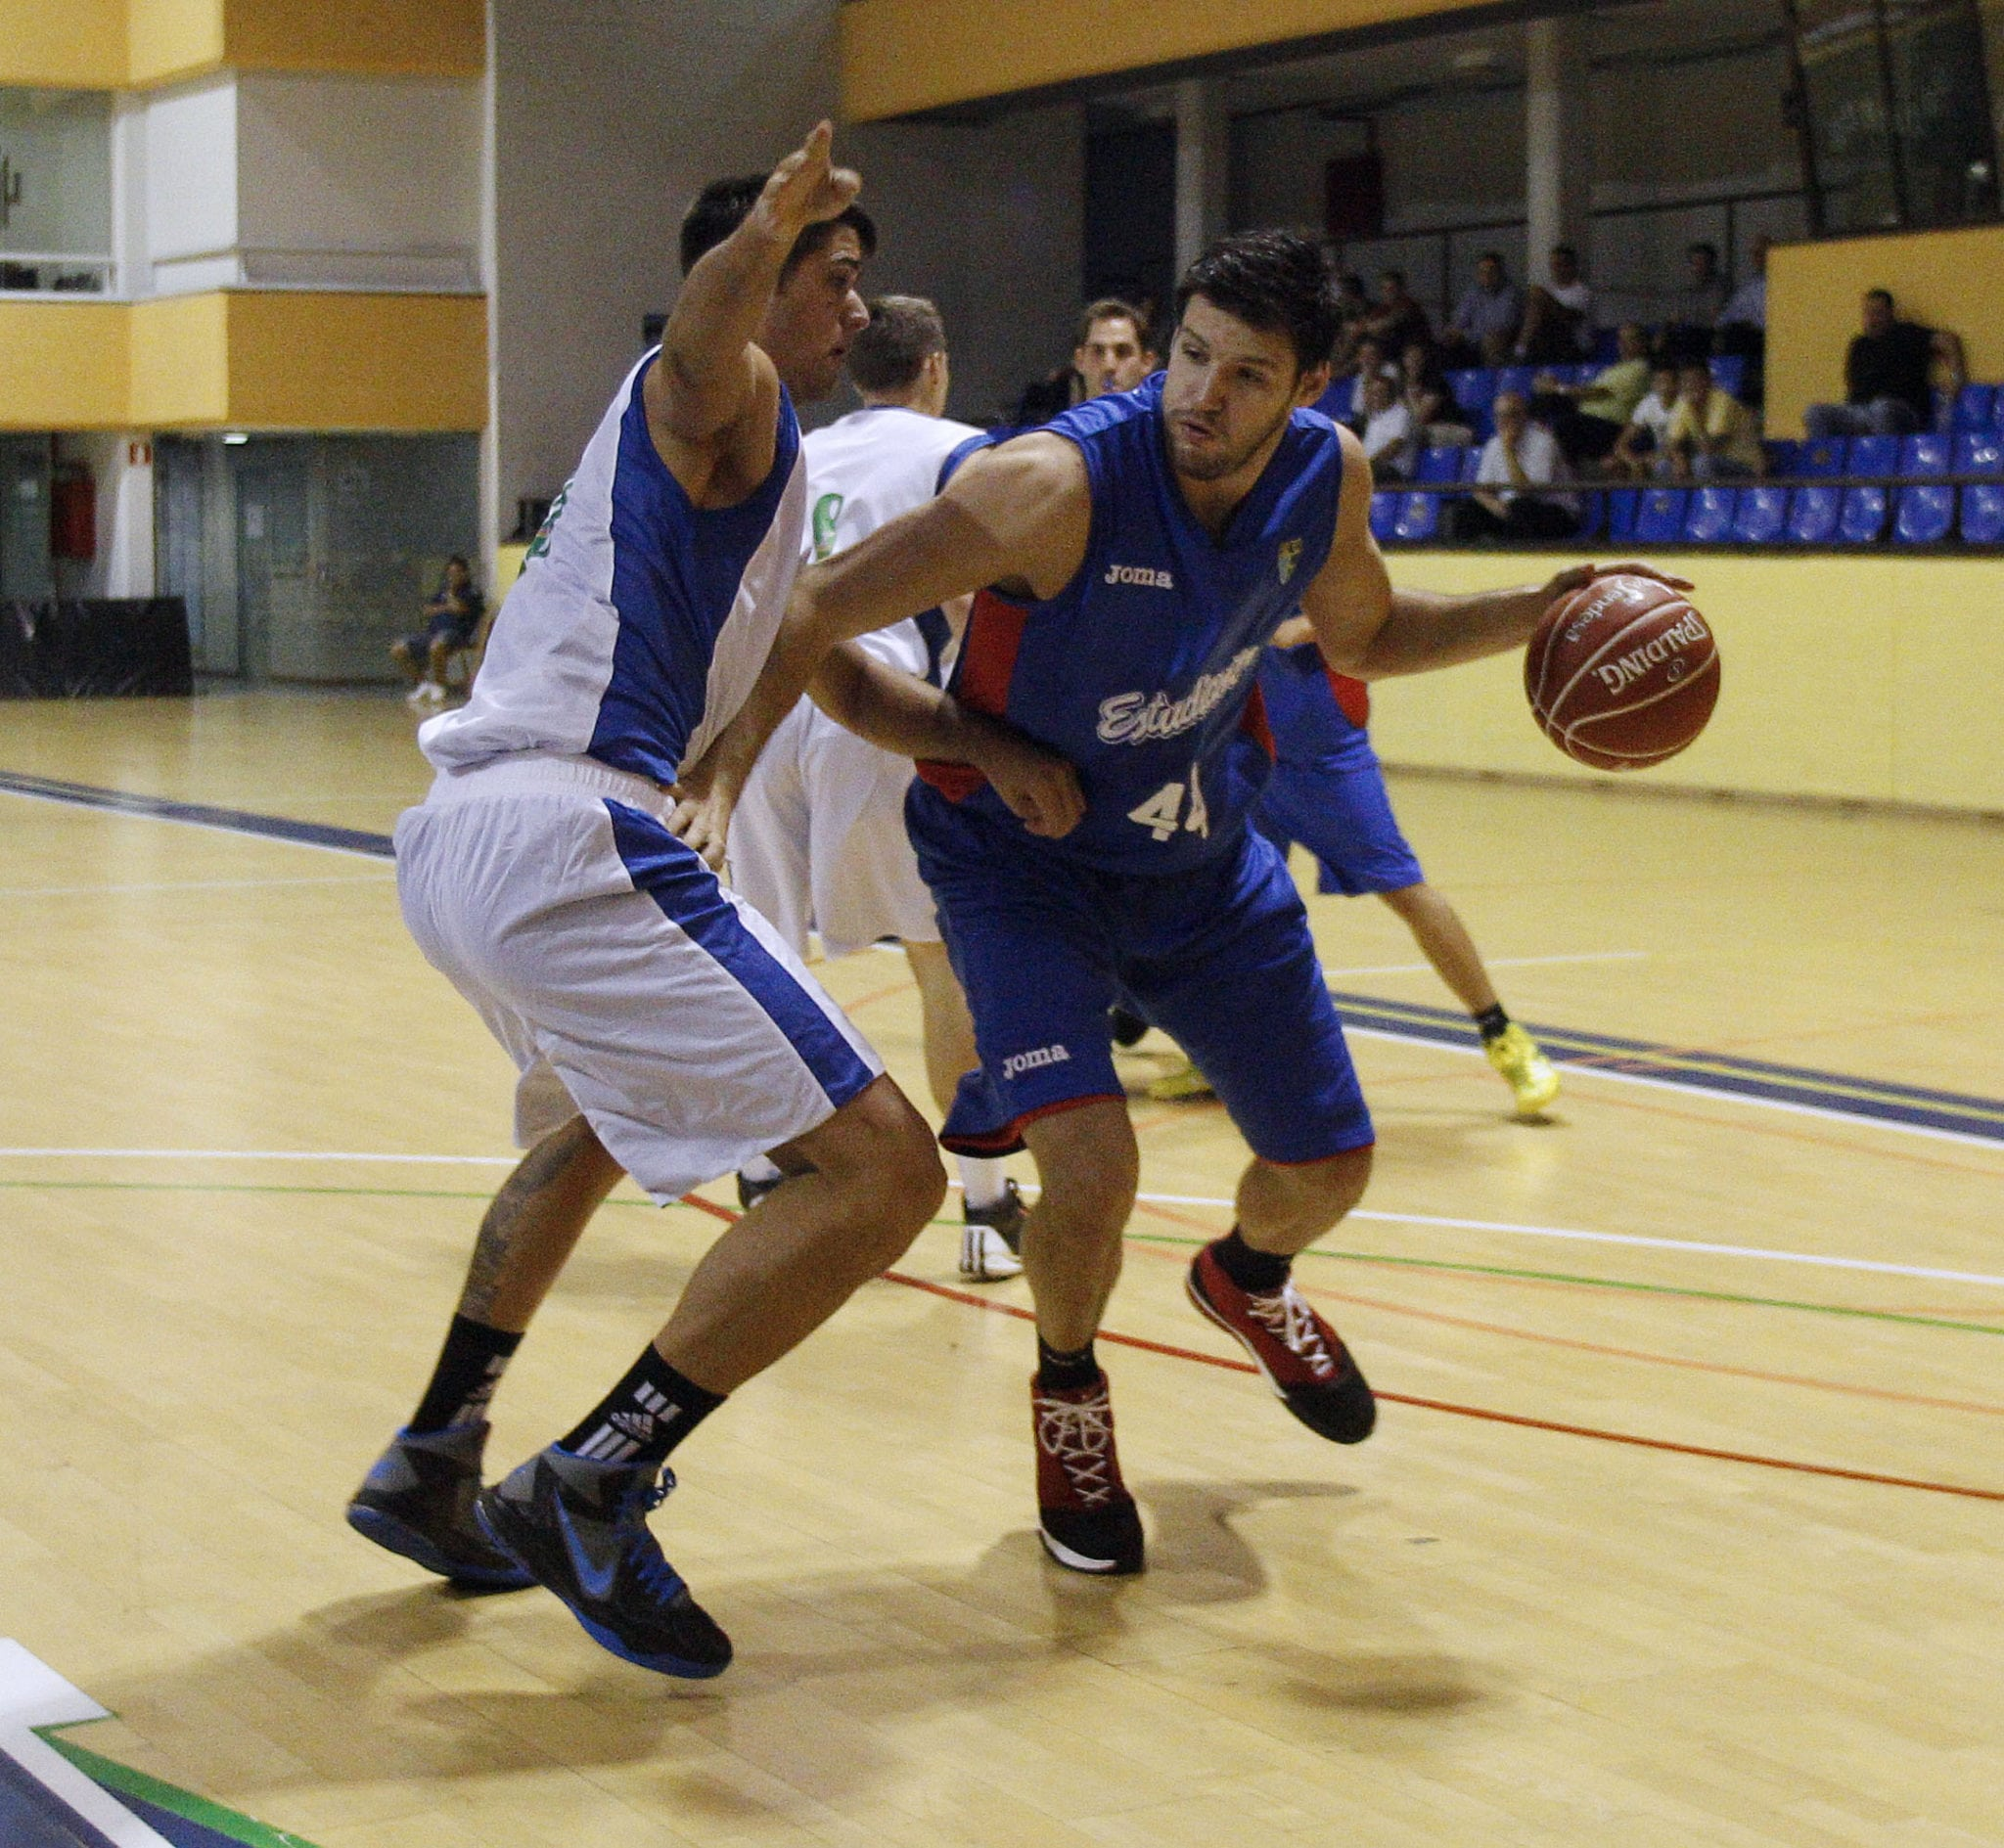 Torneo Sportquarters Series: sábado y domingo por la mañana en Torrejón de Ardoz, entradas desde 7 euros